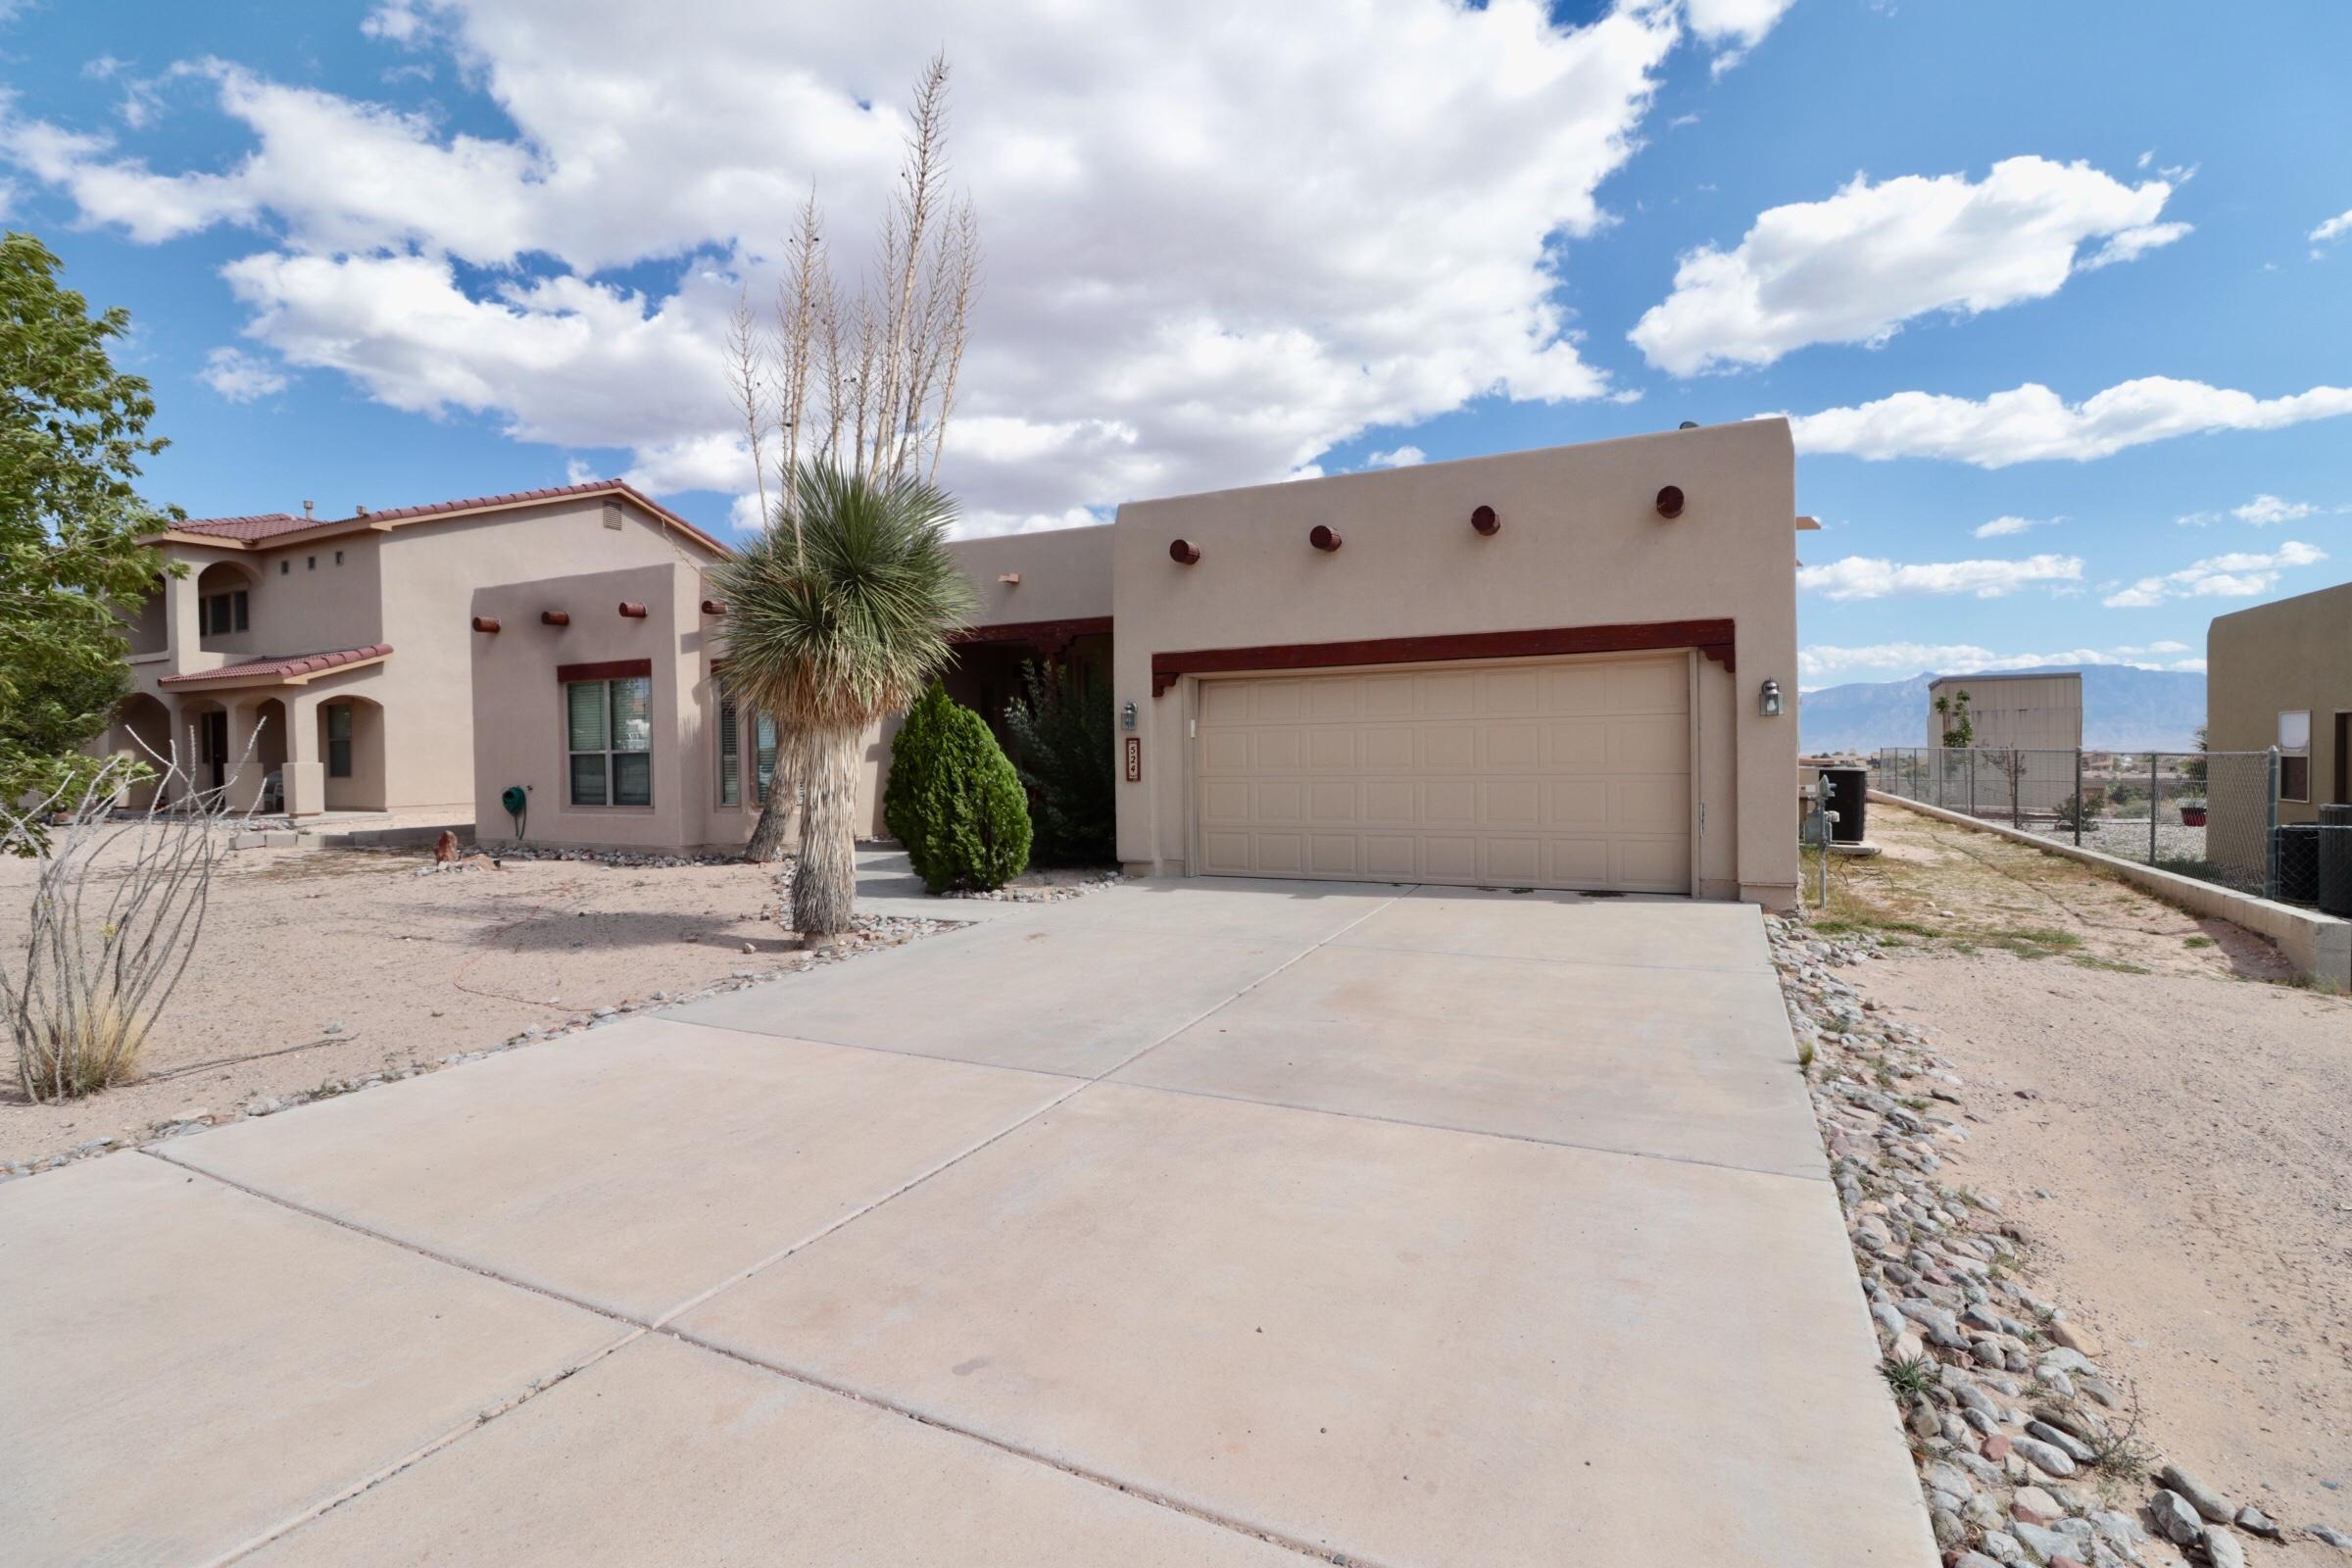 524 3RD Street NE, Rio Rancho, NM 87124 - Rio Rancho, NM real estate listing